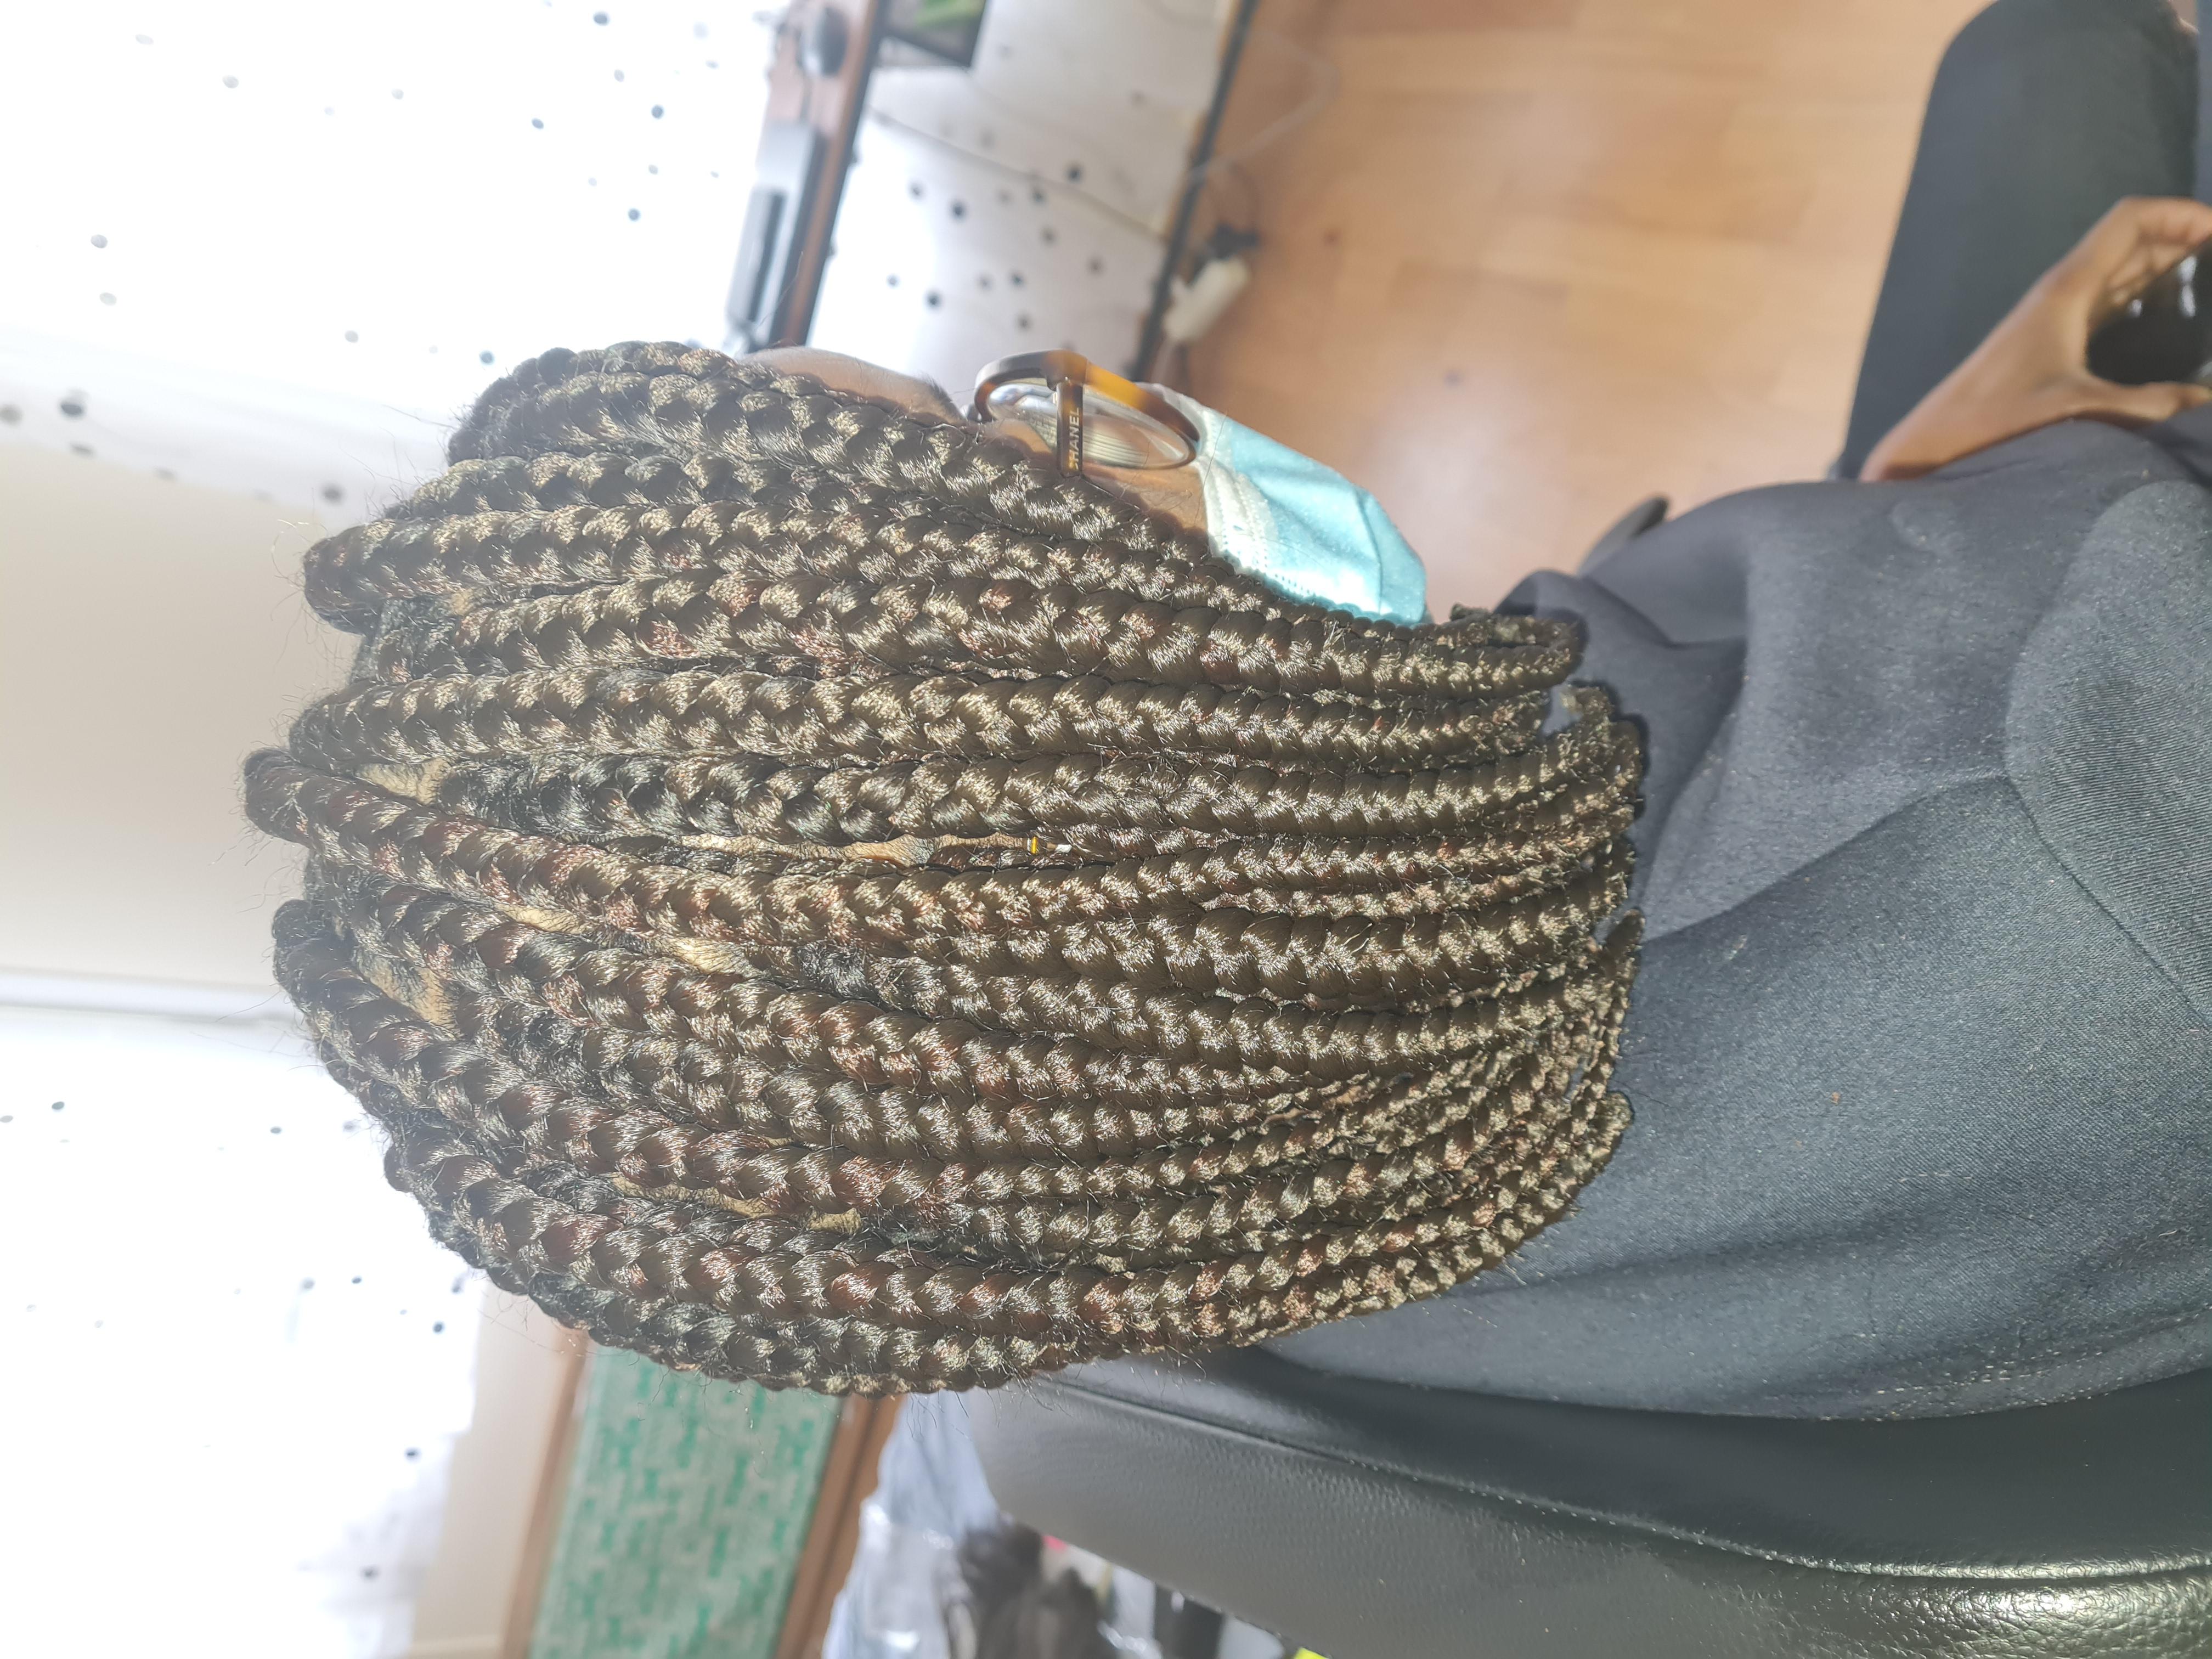 salon de coiffure afro tresse tresses box braids crochet braids vanilles tissages paris 75 77 78 91 92 93 94 95 NBMZWLHP